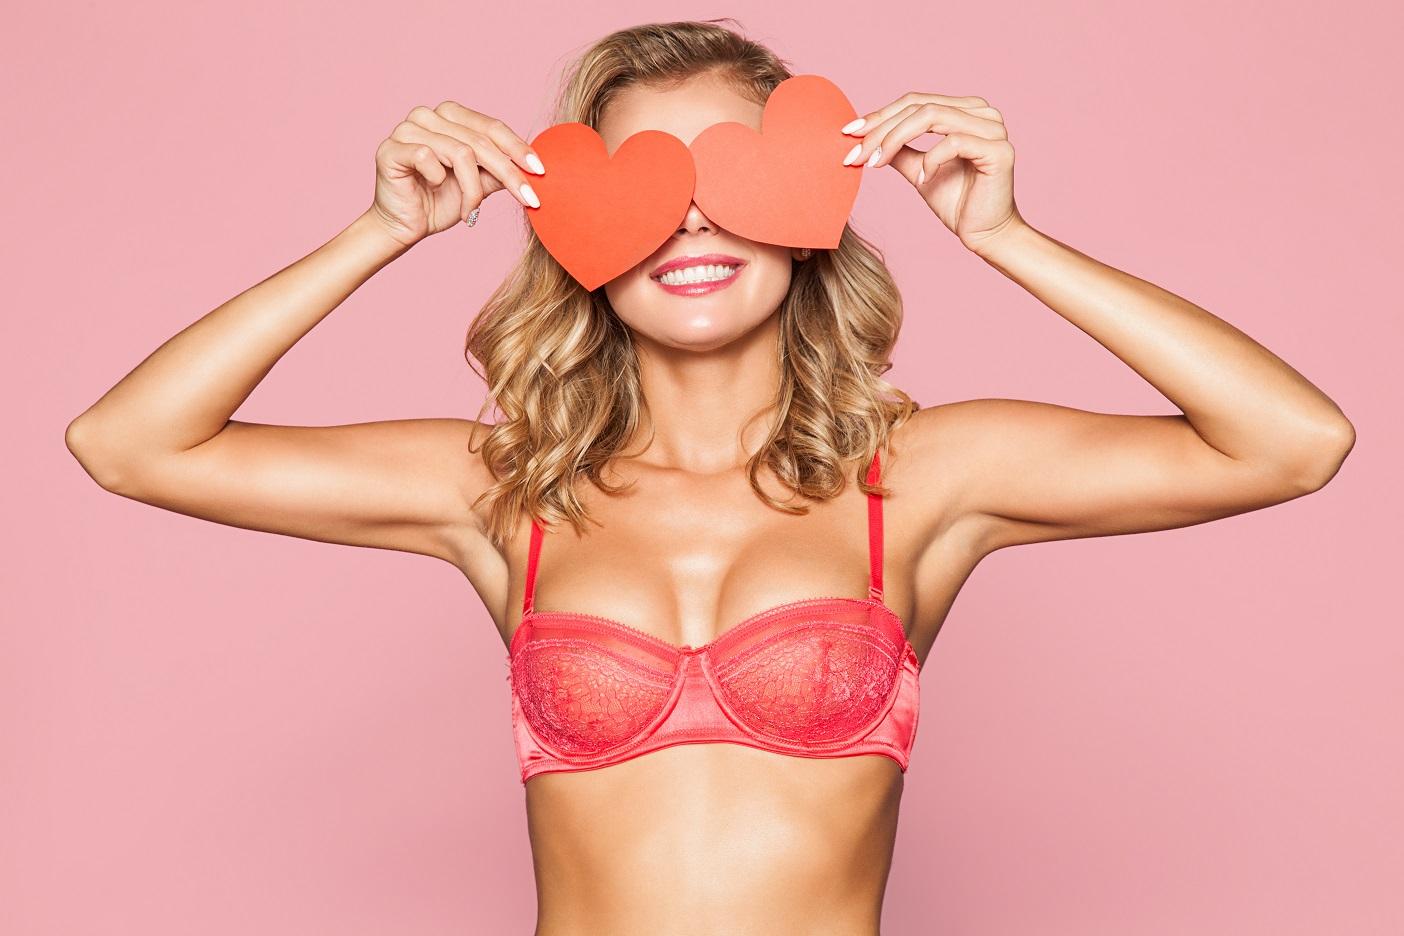 Lingerie sensuelle : laquelle porter pour la Saint-Valentin ? 3